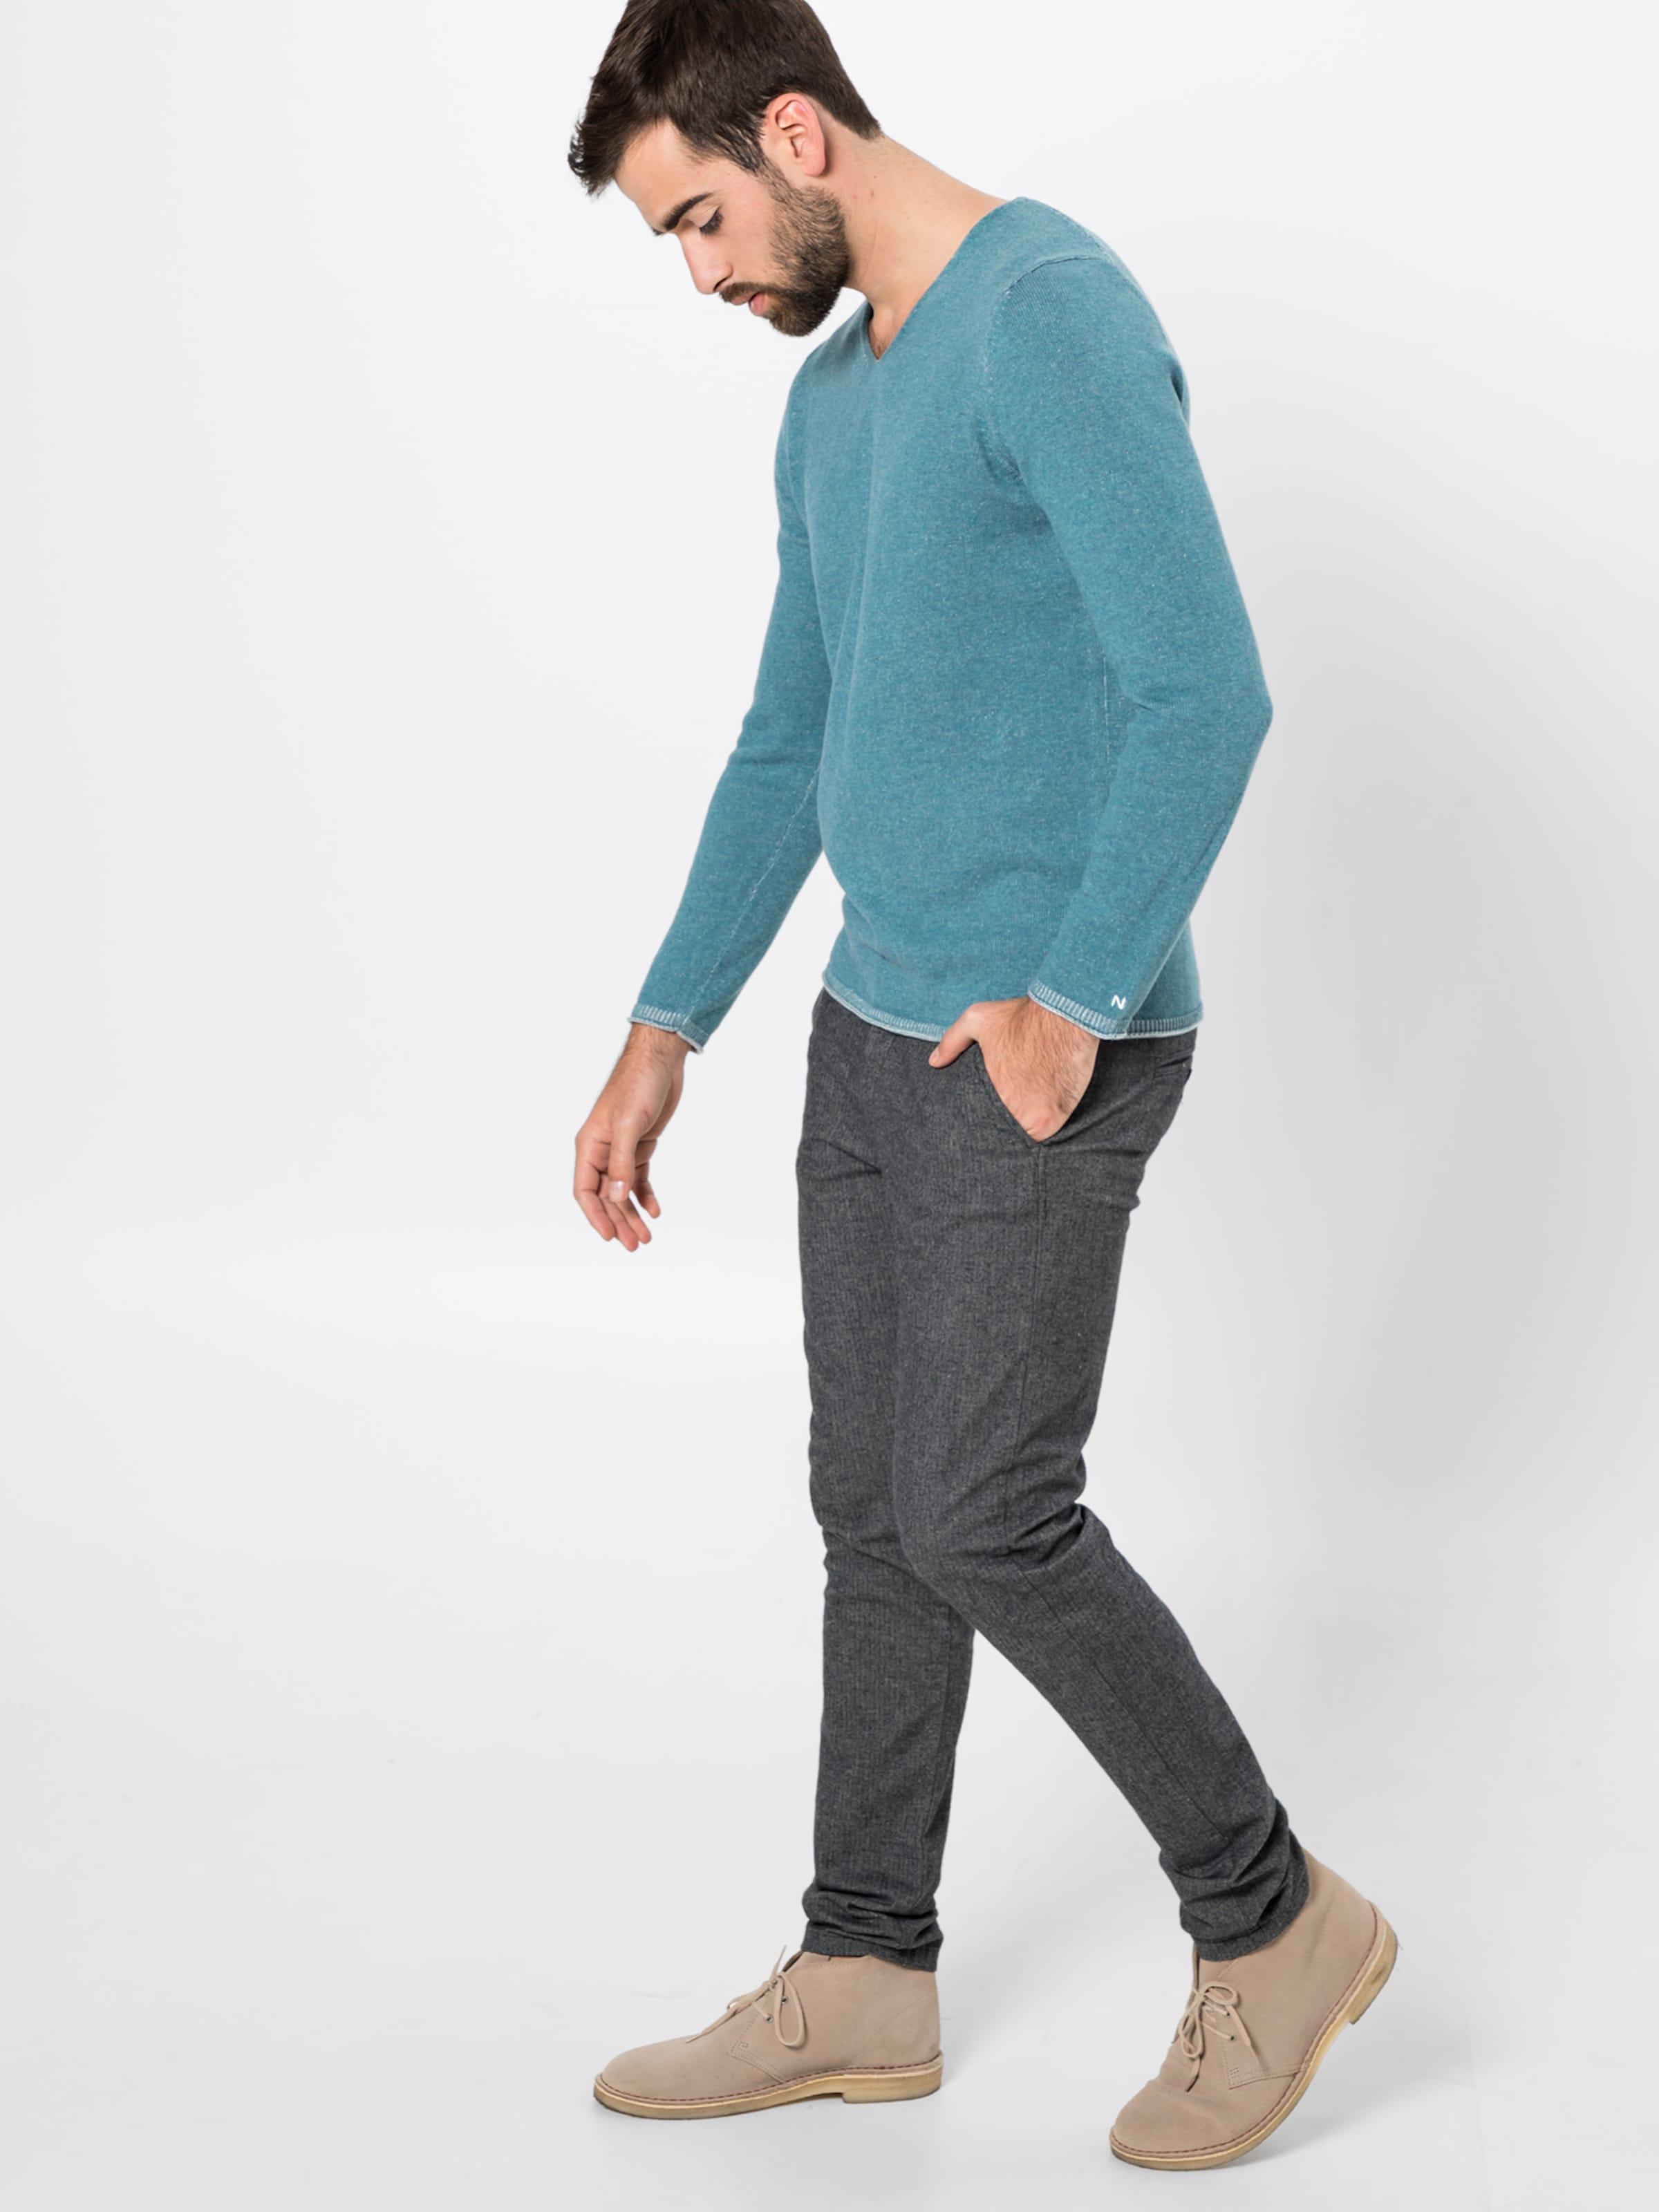 In Pullover Nowadays Nowadays Pullover Rauchblau SUzpqMV